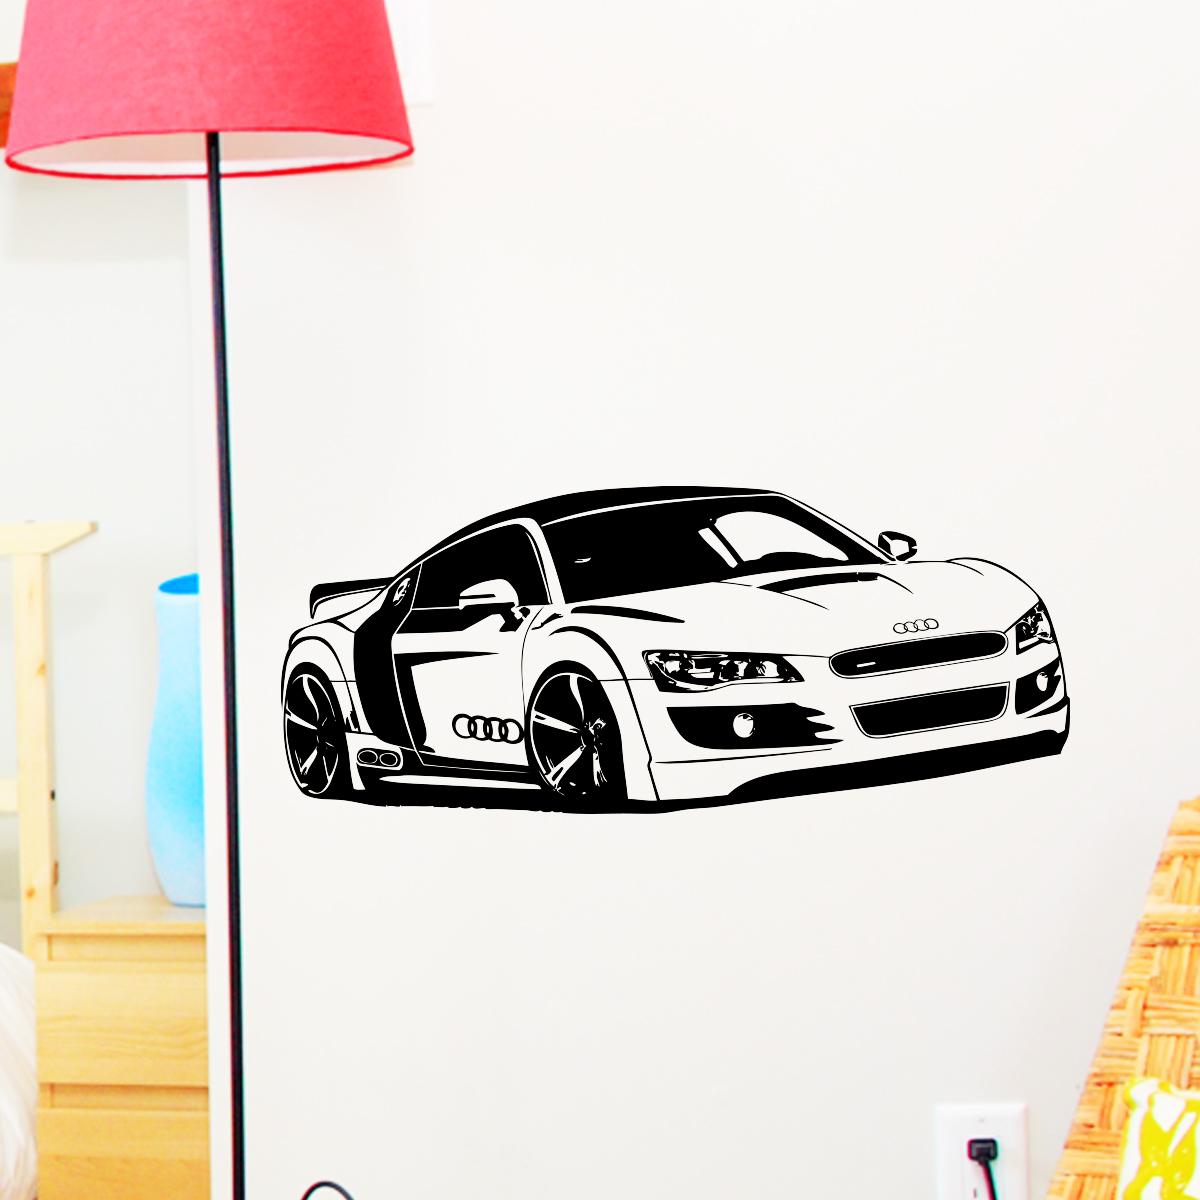 Car Decals Accesorios de autom/óviles modificados Maserati est/ándar Ingl/és Alfabeto Marca de Logotipo sufijo despu/és de calcoman/ías for autom/óviles Color : Black